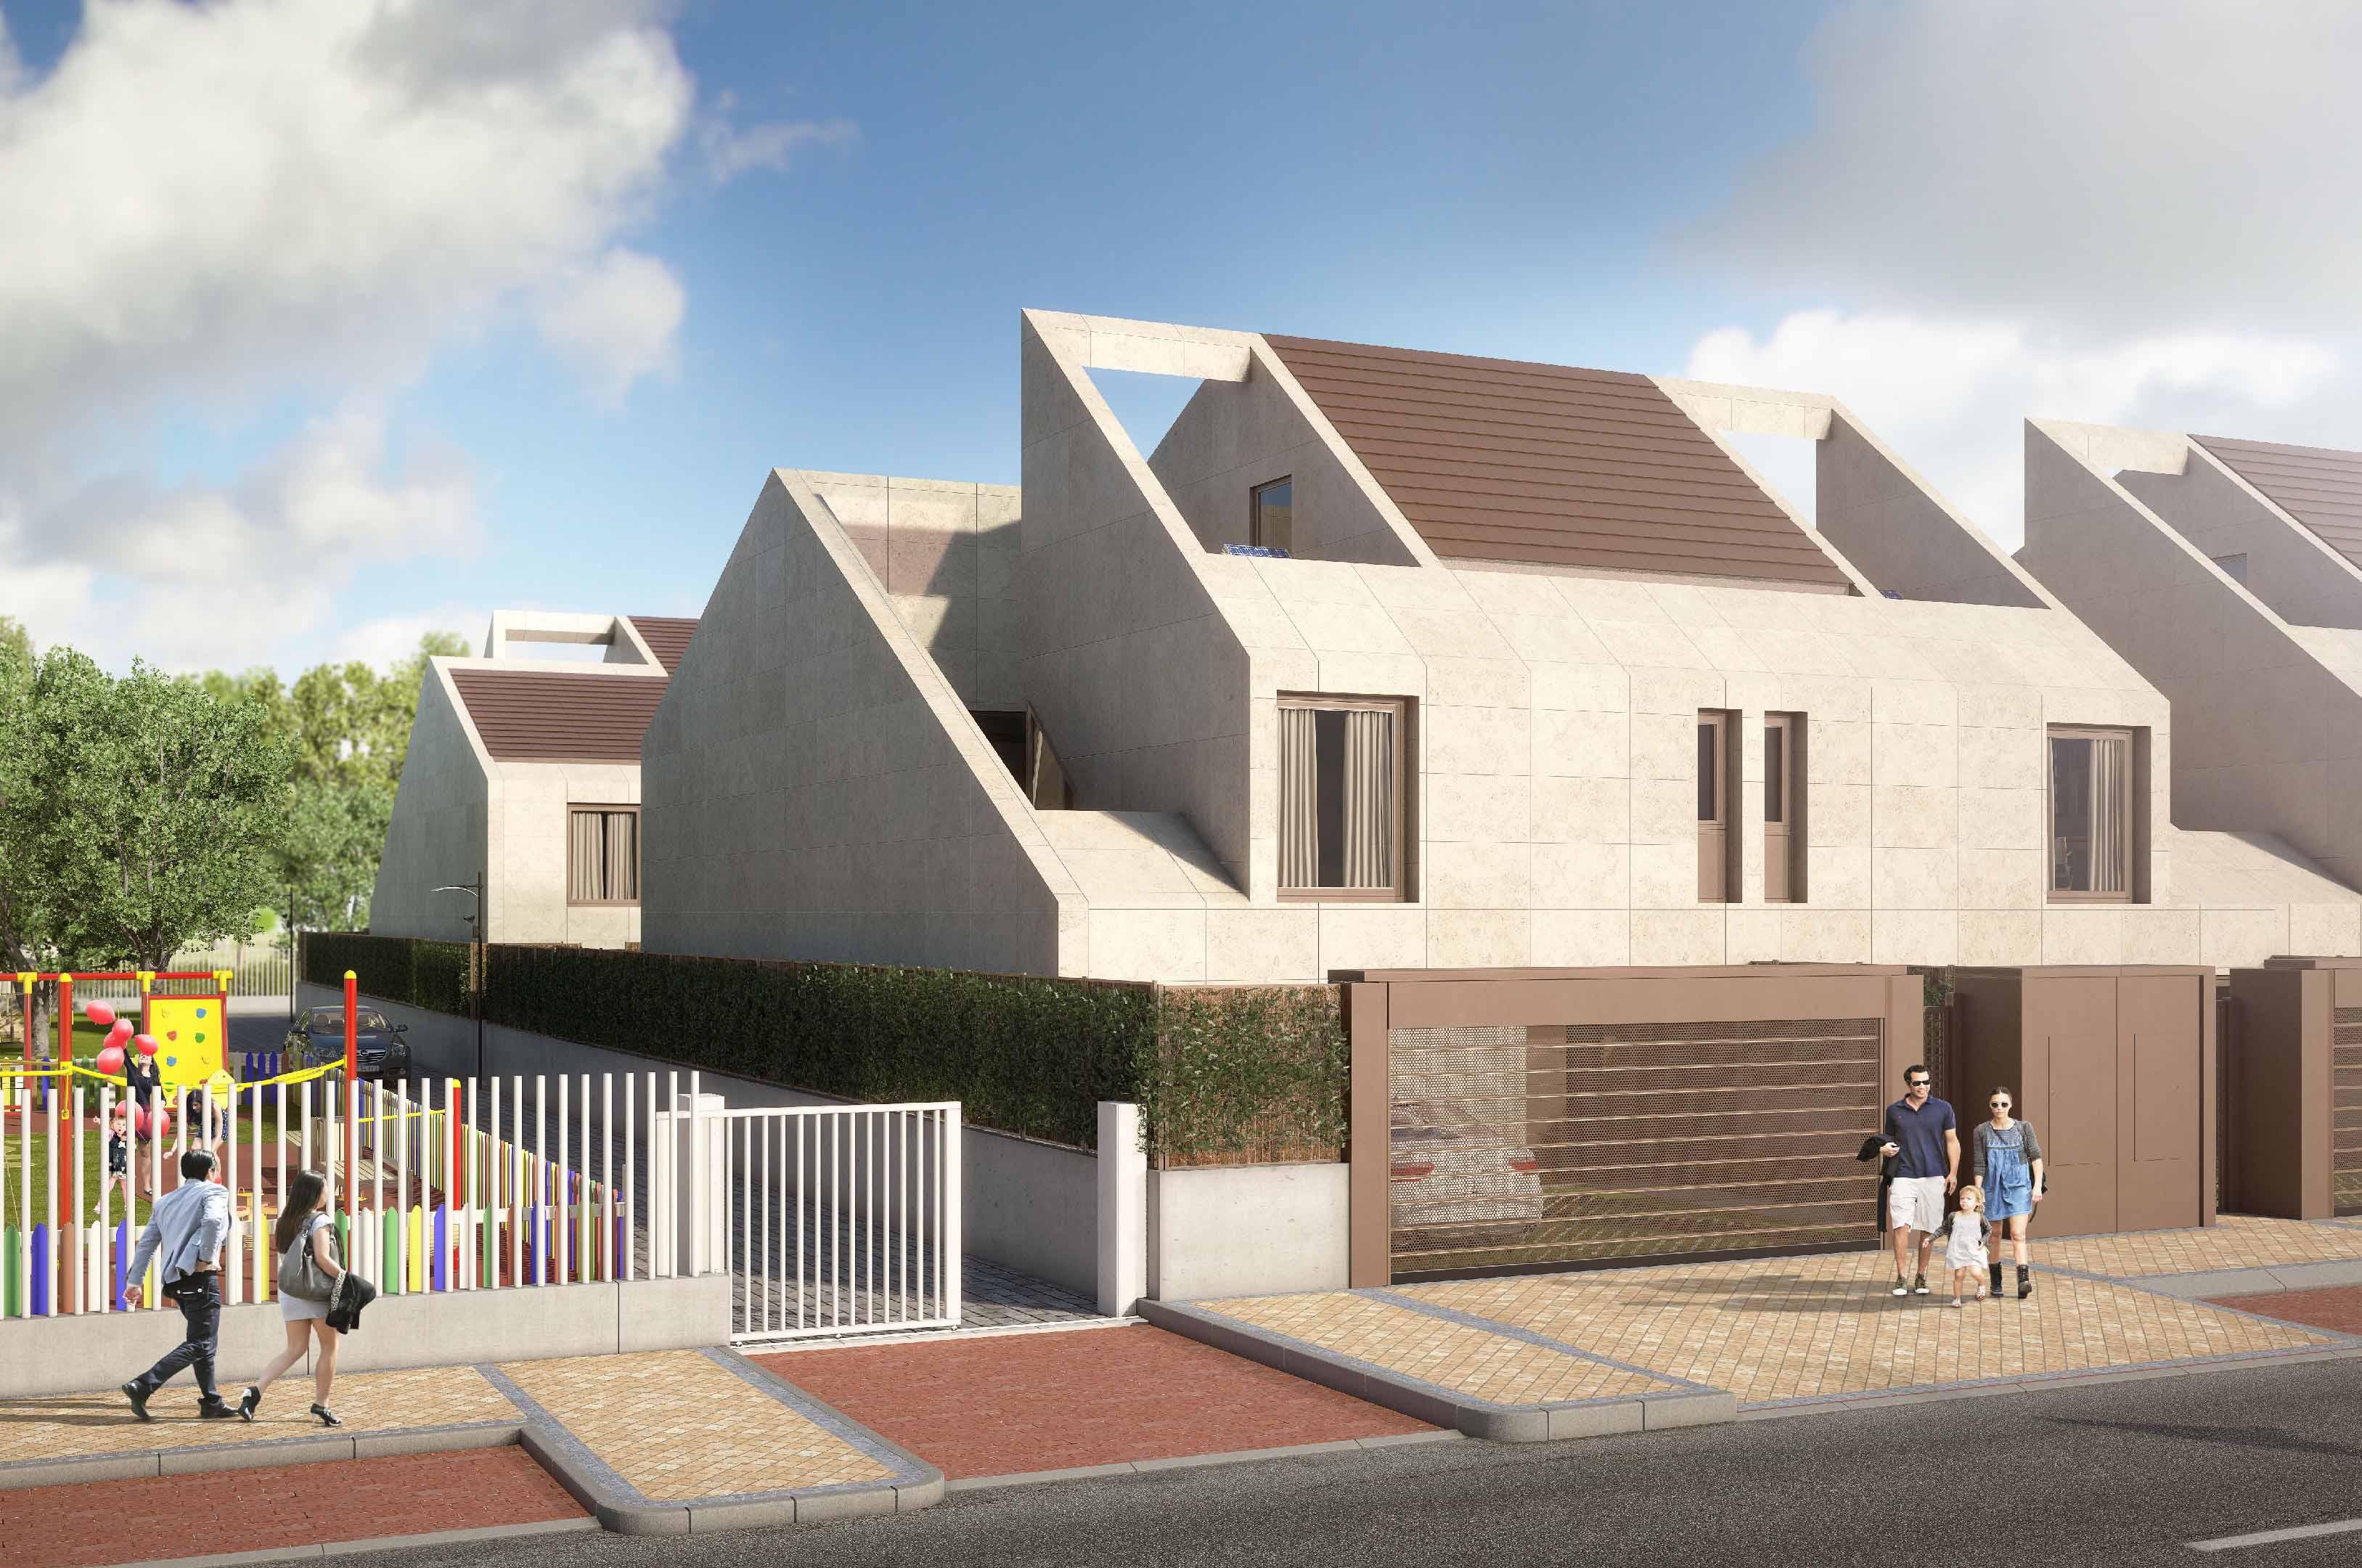 Proyectos seleccionados enves arquitectos - Proyectos casas unifamiliares ...